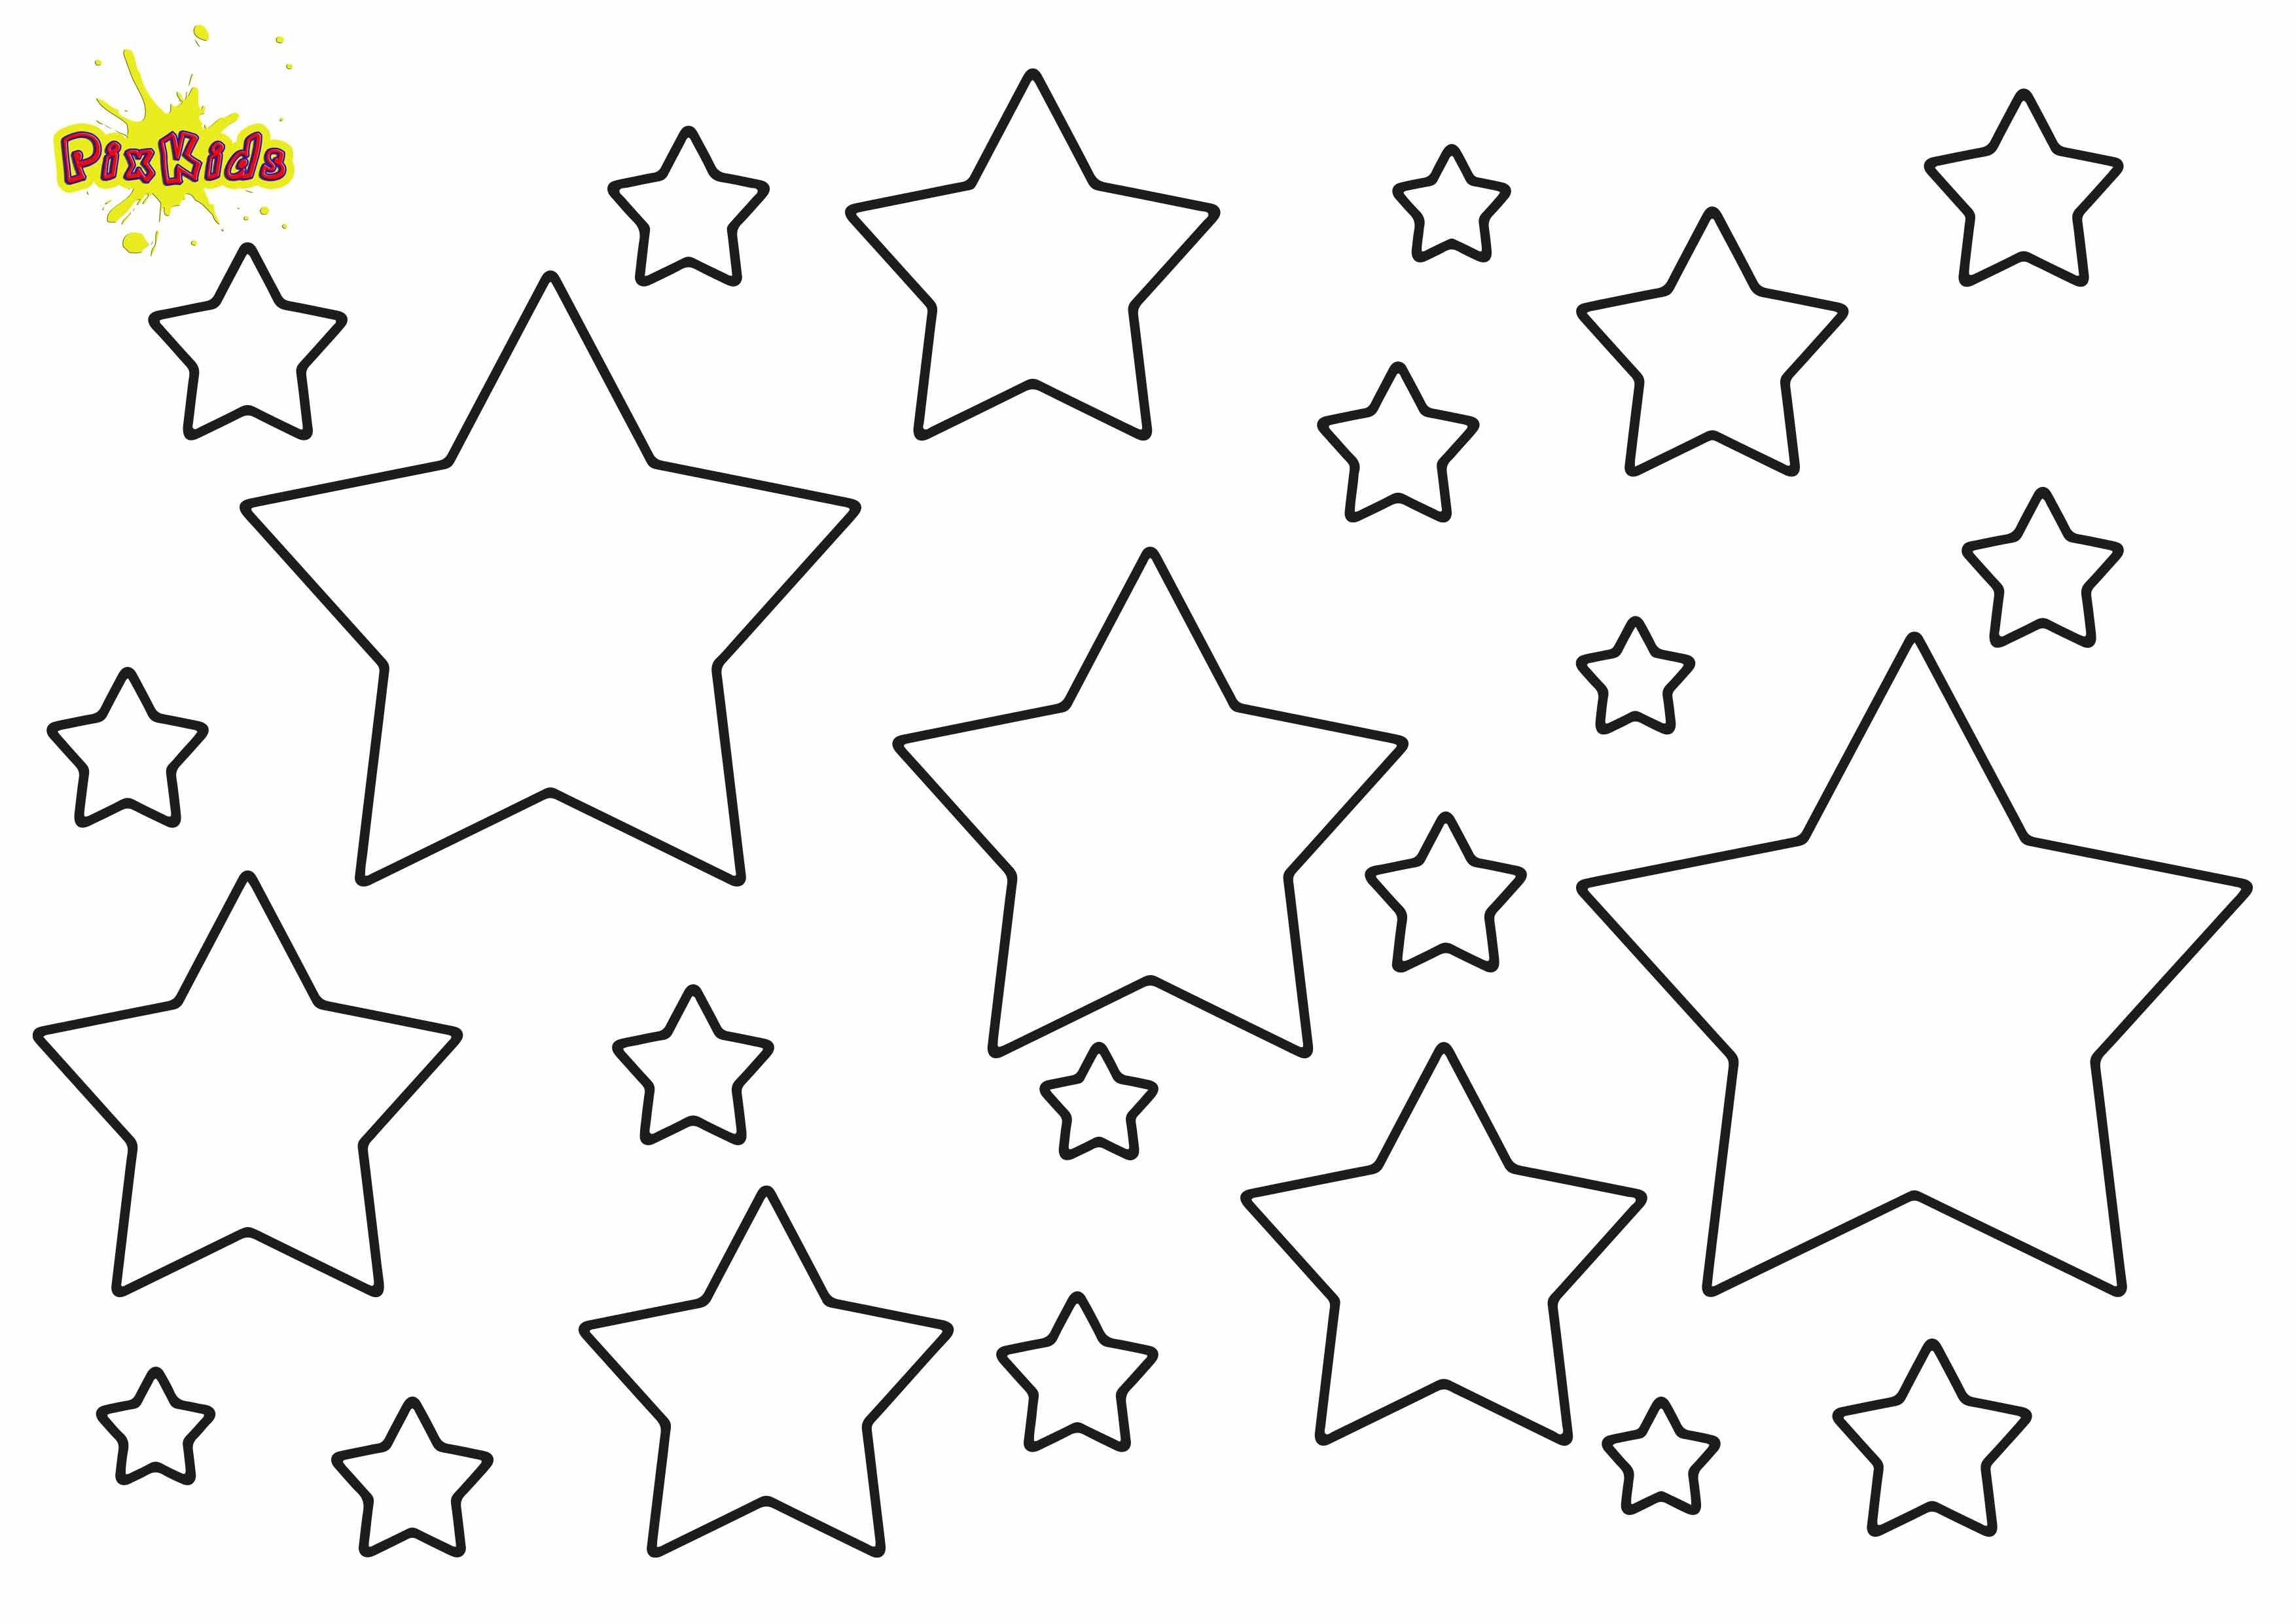 Http Www Ausmalvorlagen Com Adventskalender Wp Content Uploads 2014 12 Ausmalbild Sterne Malvorlage Kost Sterne Zum Ausdrucken Malvorlage Stern Vorlage Stern